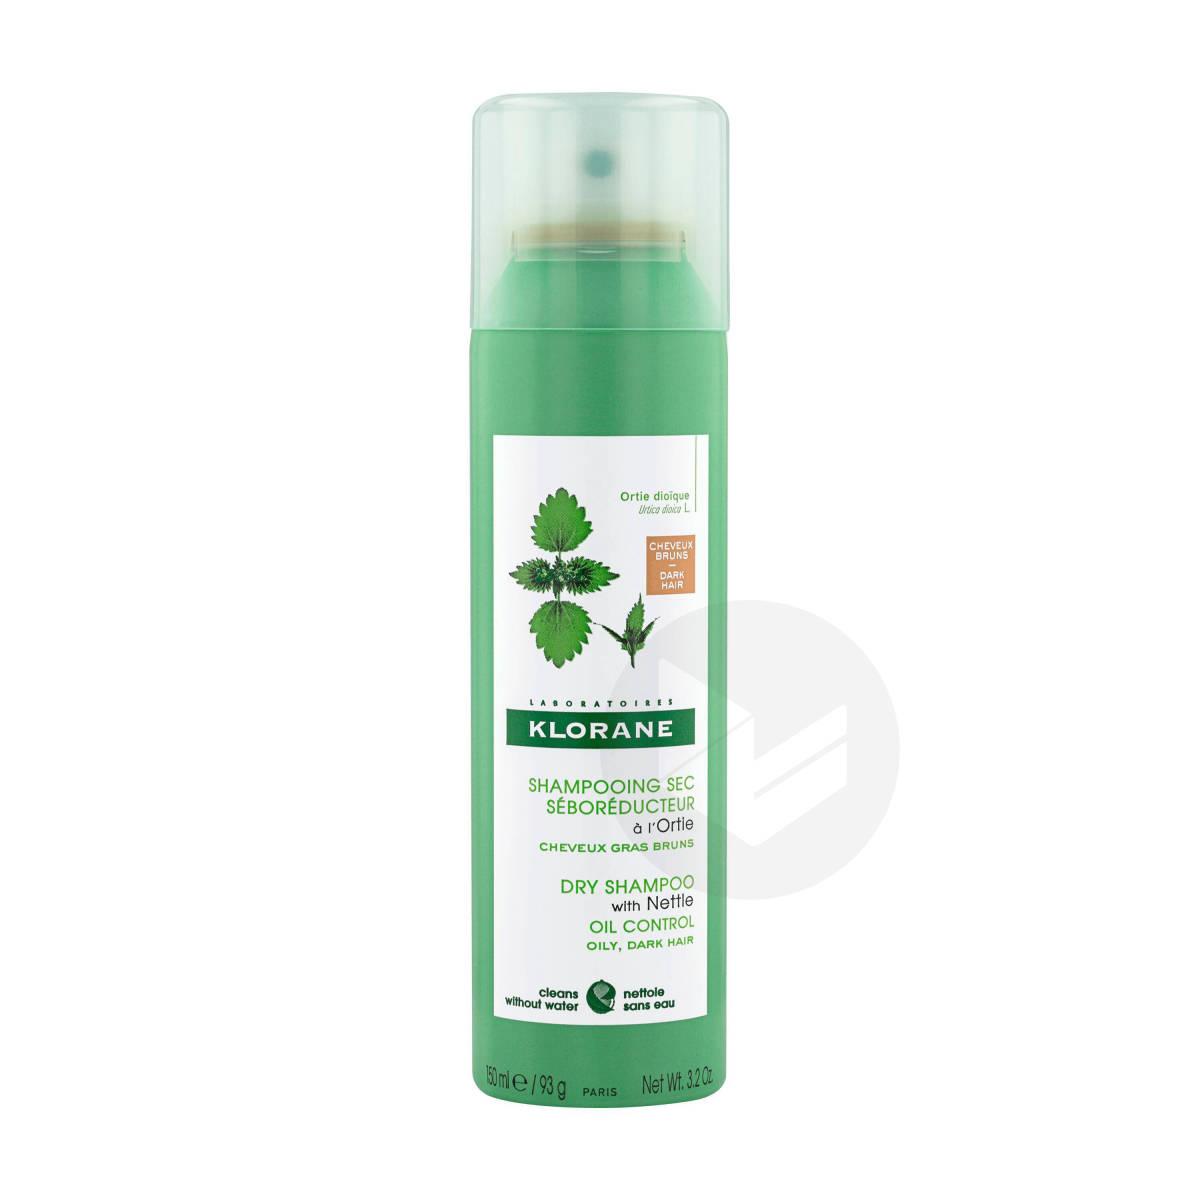 Shampoing secséboréducteur à l'Ortie teinté 150ml